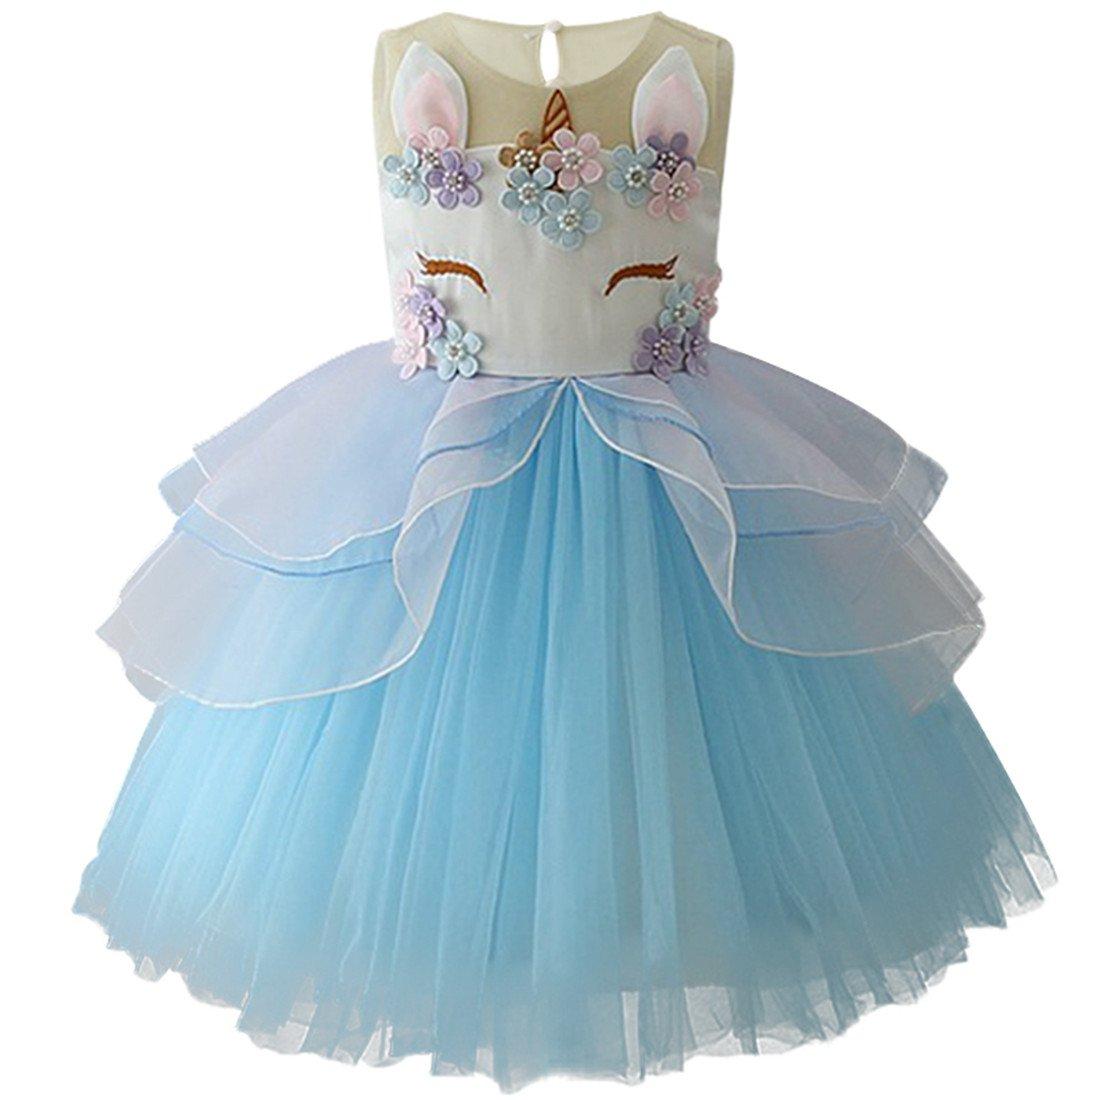 EUDOLAH Baby Kleid Maedchen Kinder Unicorn Einhorn Feierlich Dress Blumen Kleid Party Hochzeit